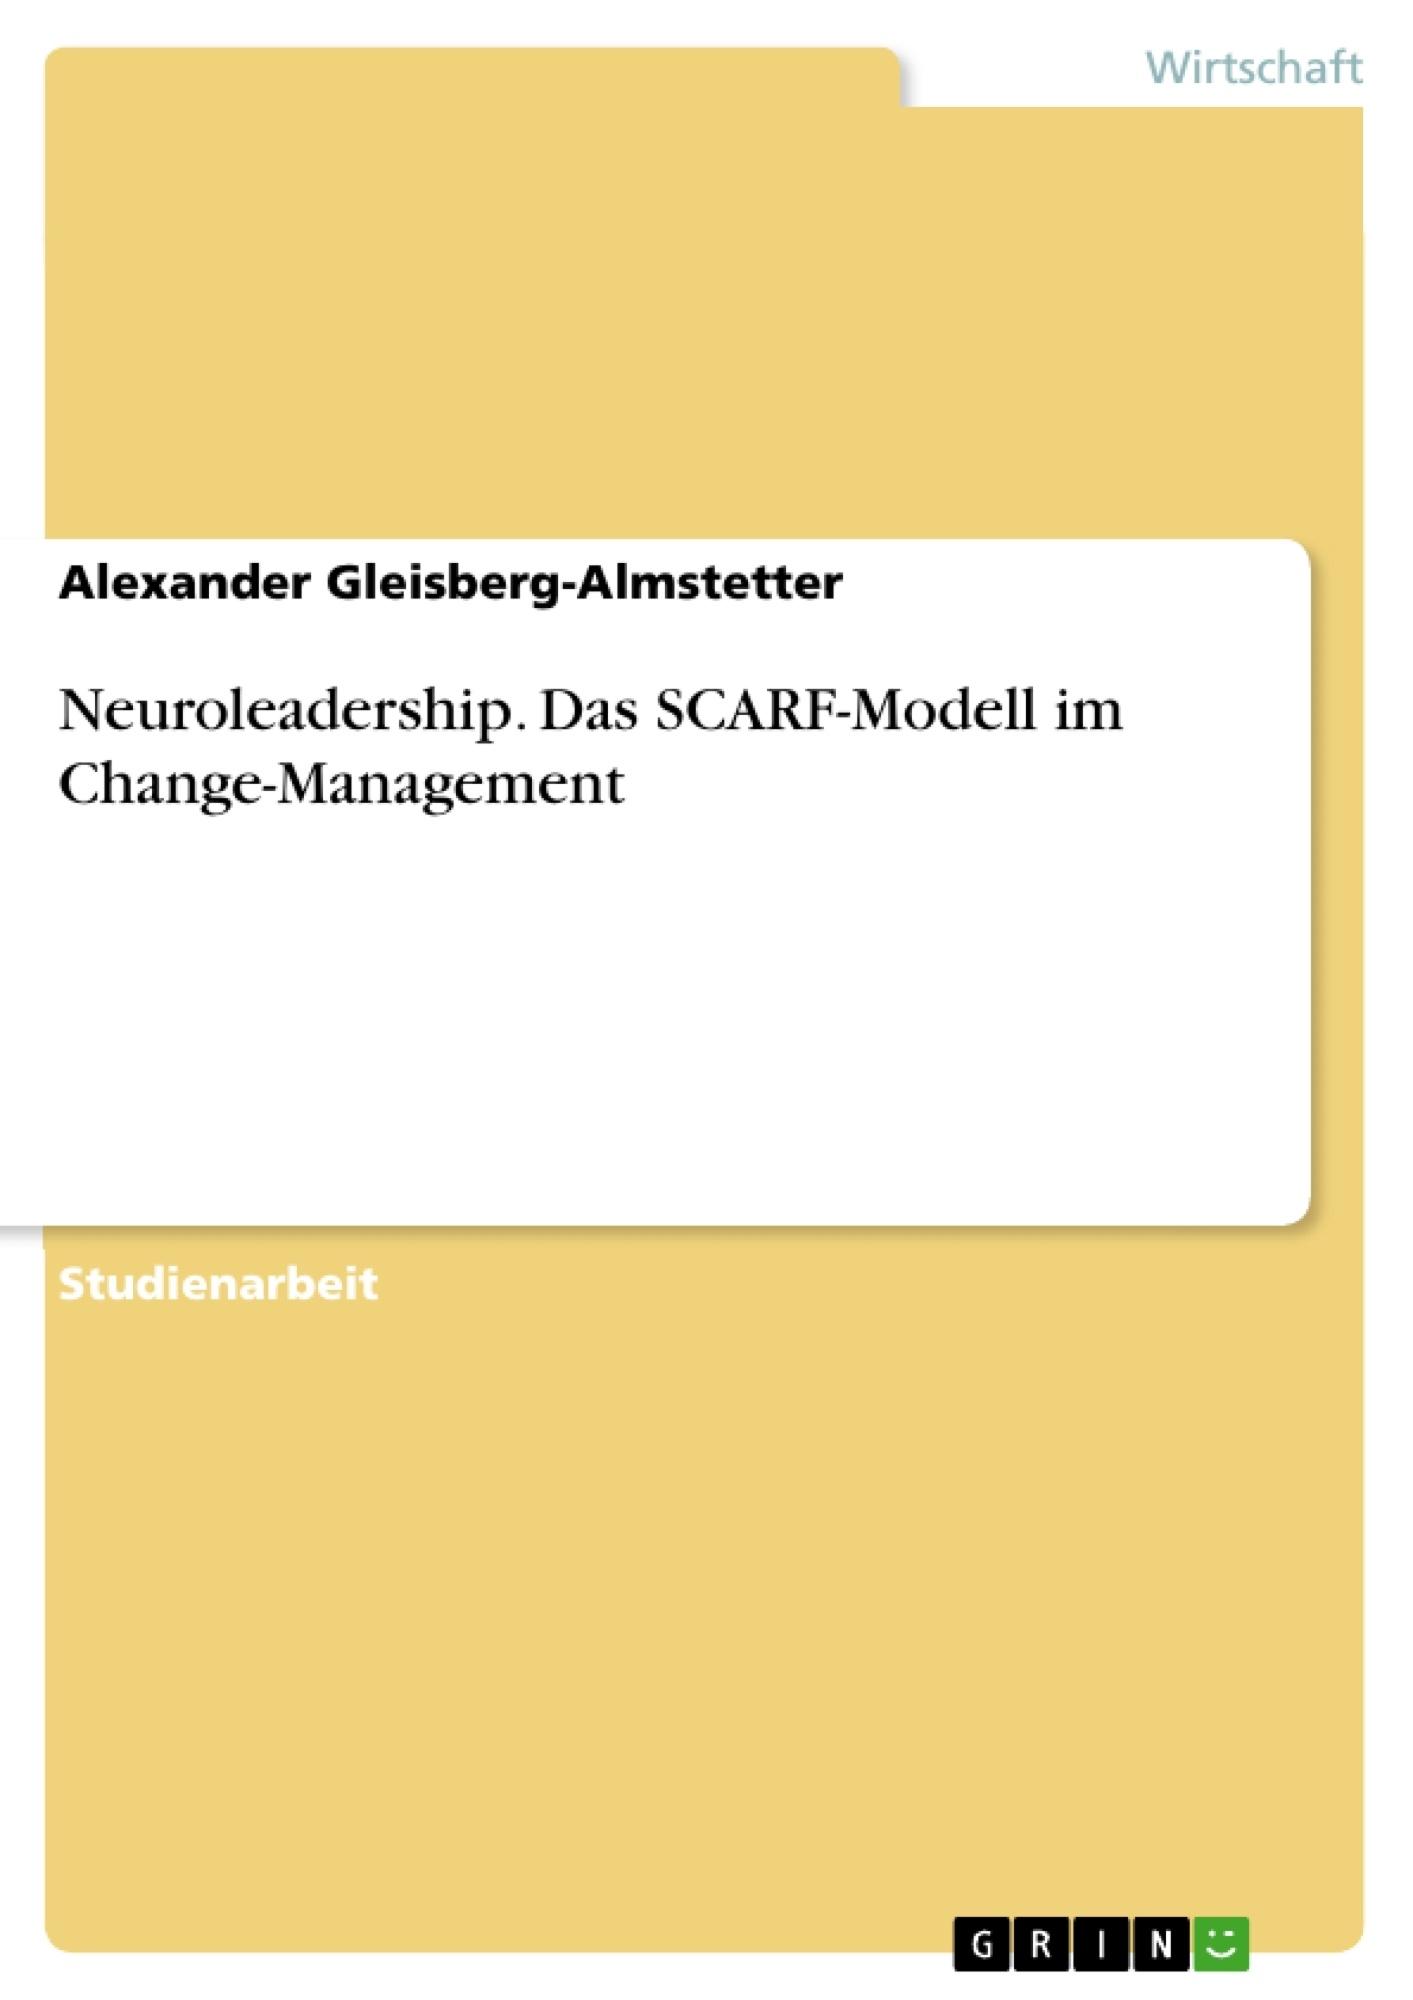 Titel: Neuroleadership. Das SCARF-Modell im Change-Management